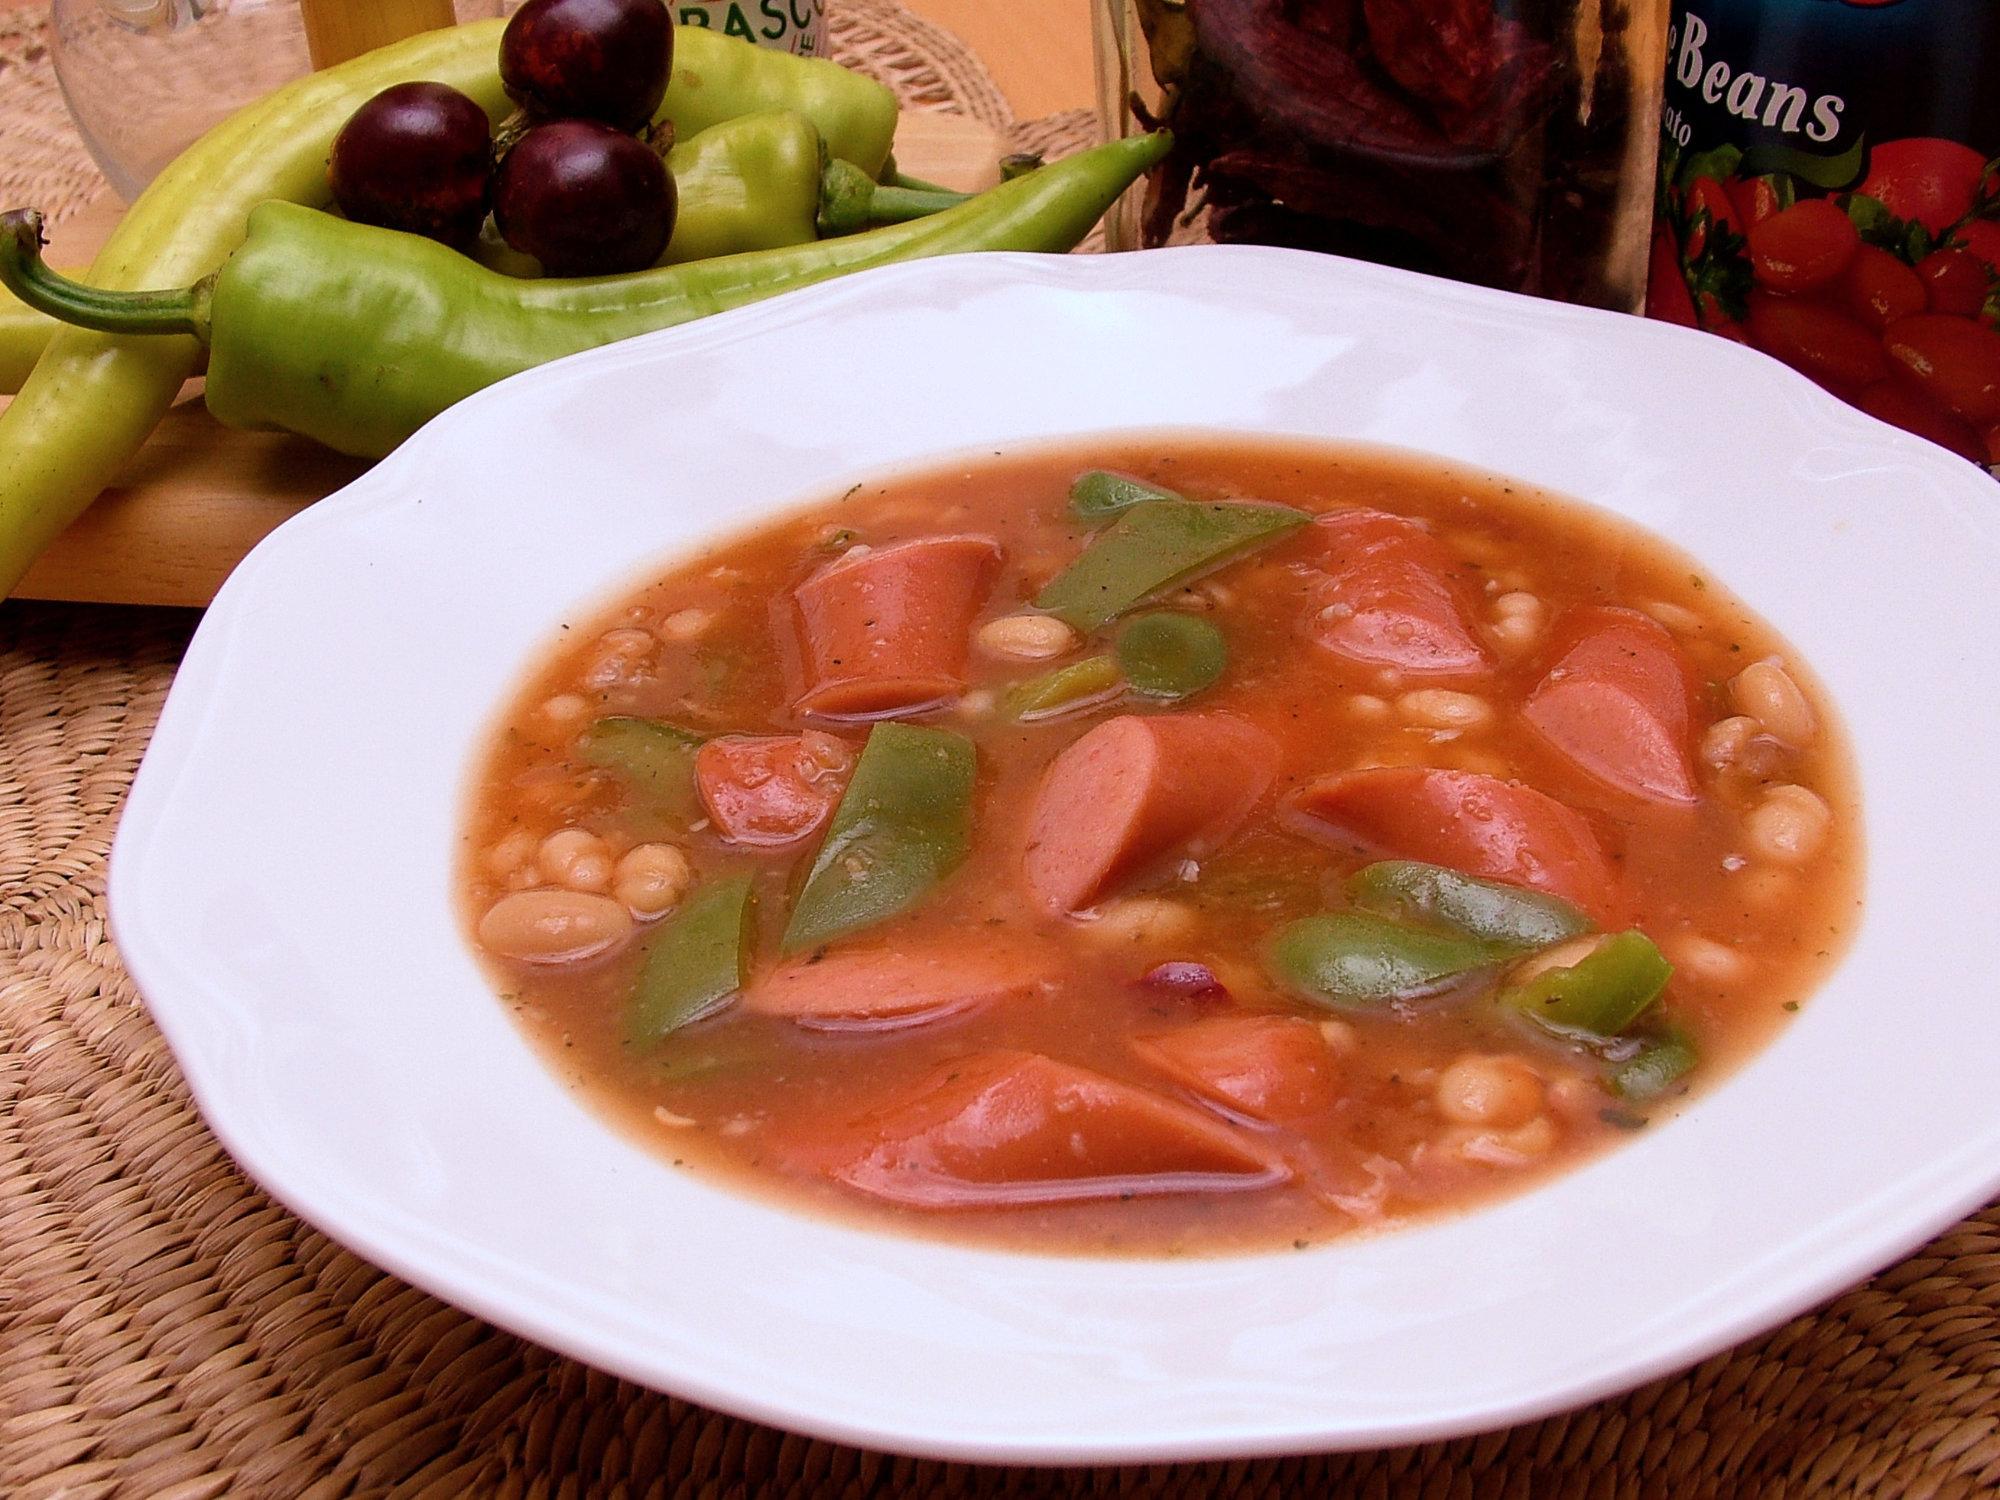 Párok s fazuľou v paradajkovej omáčke